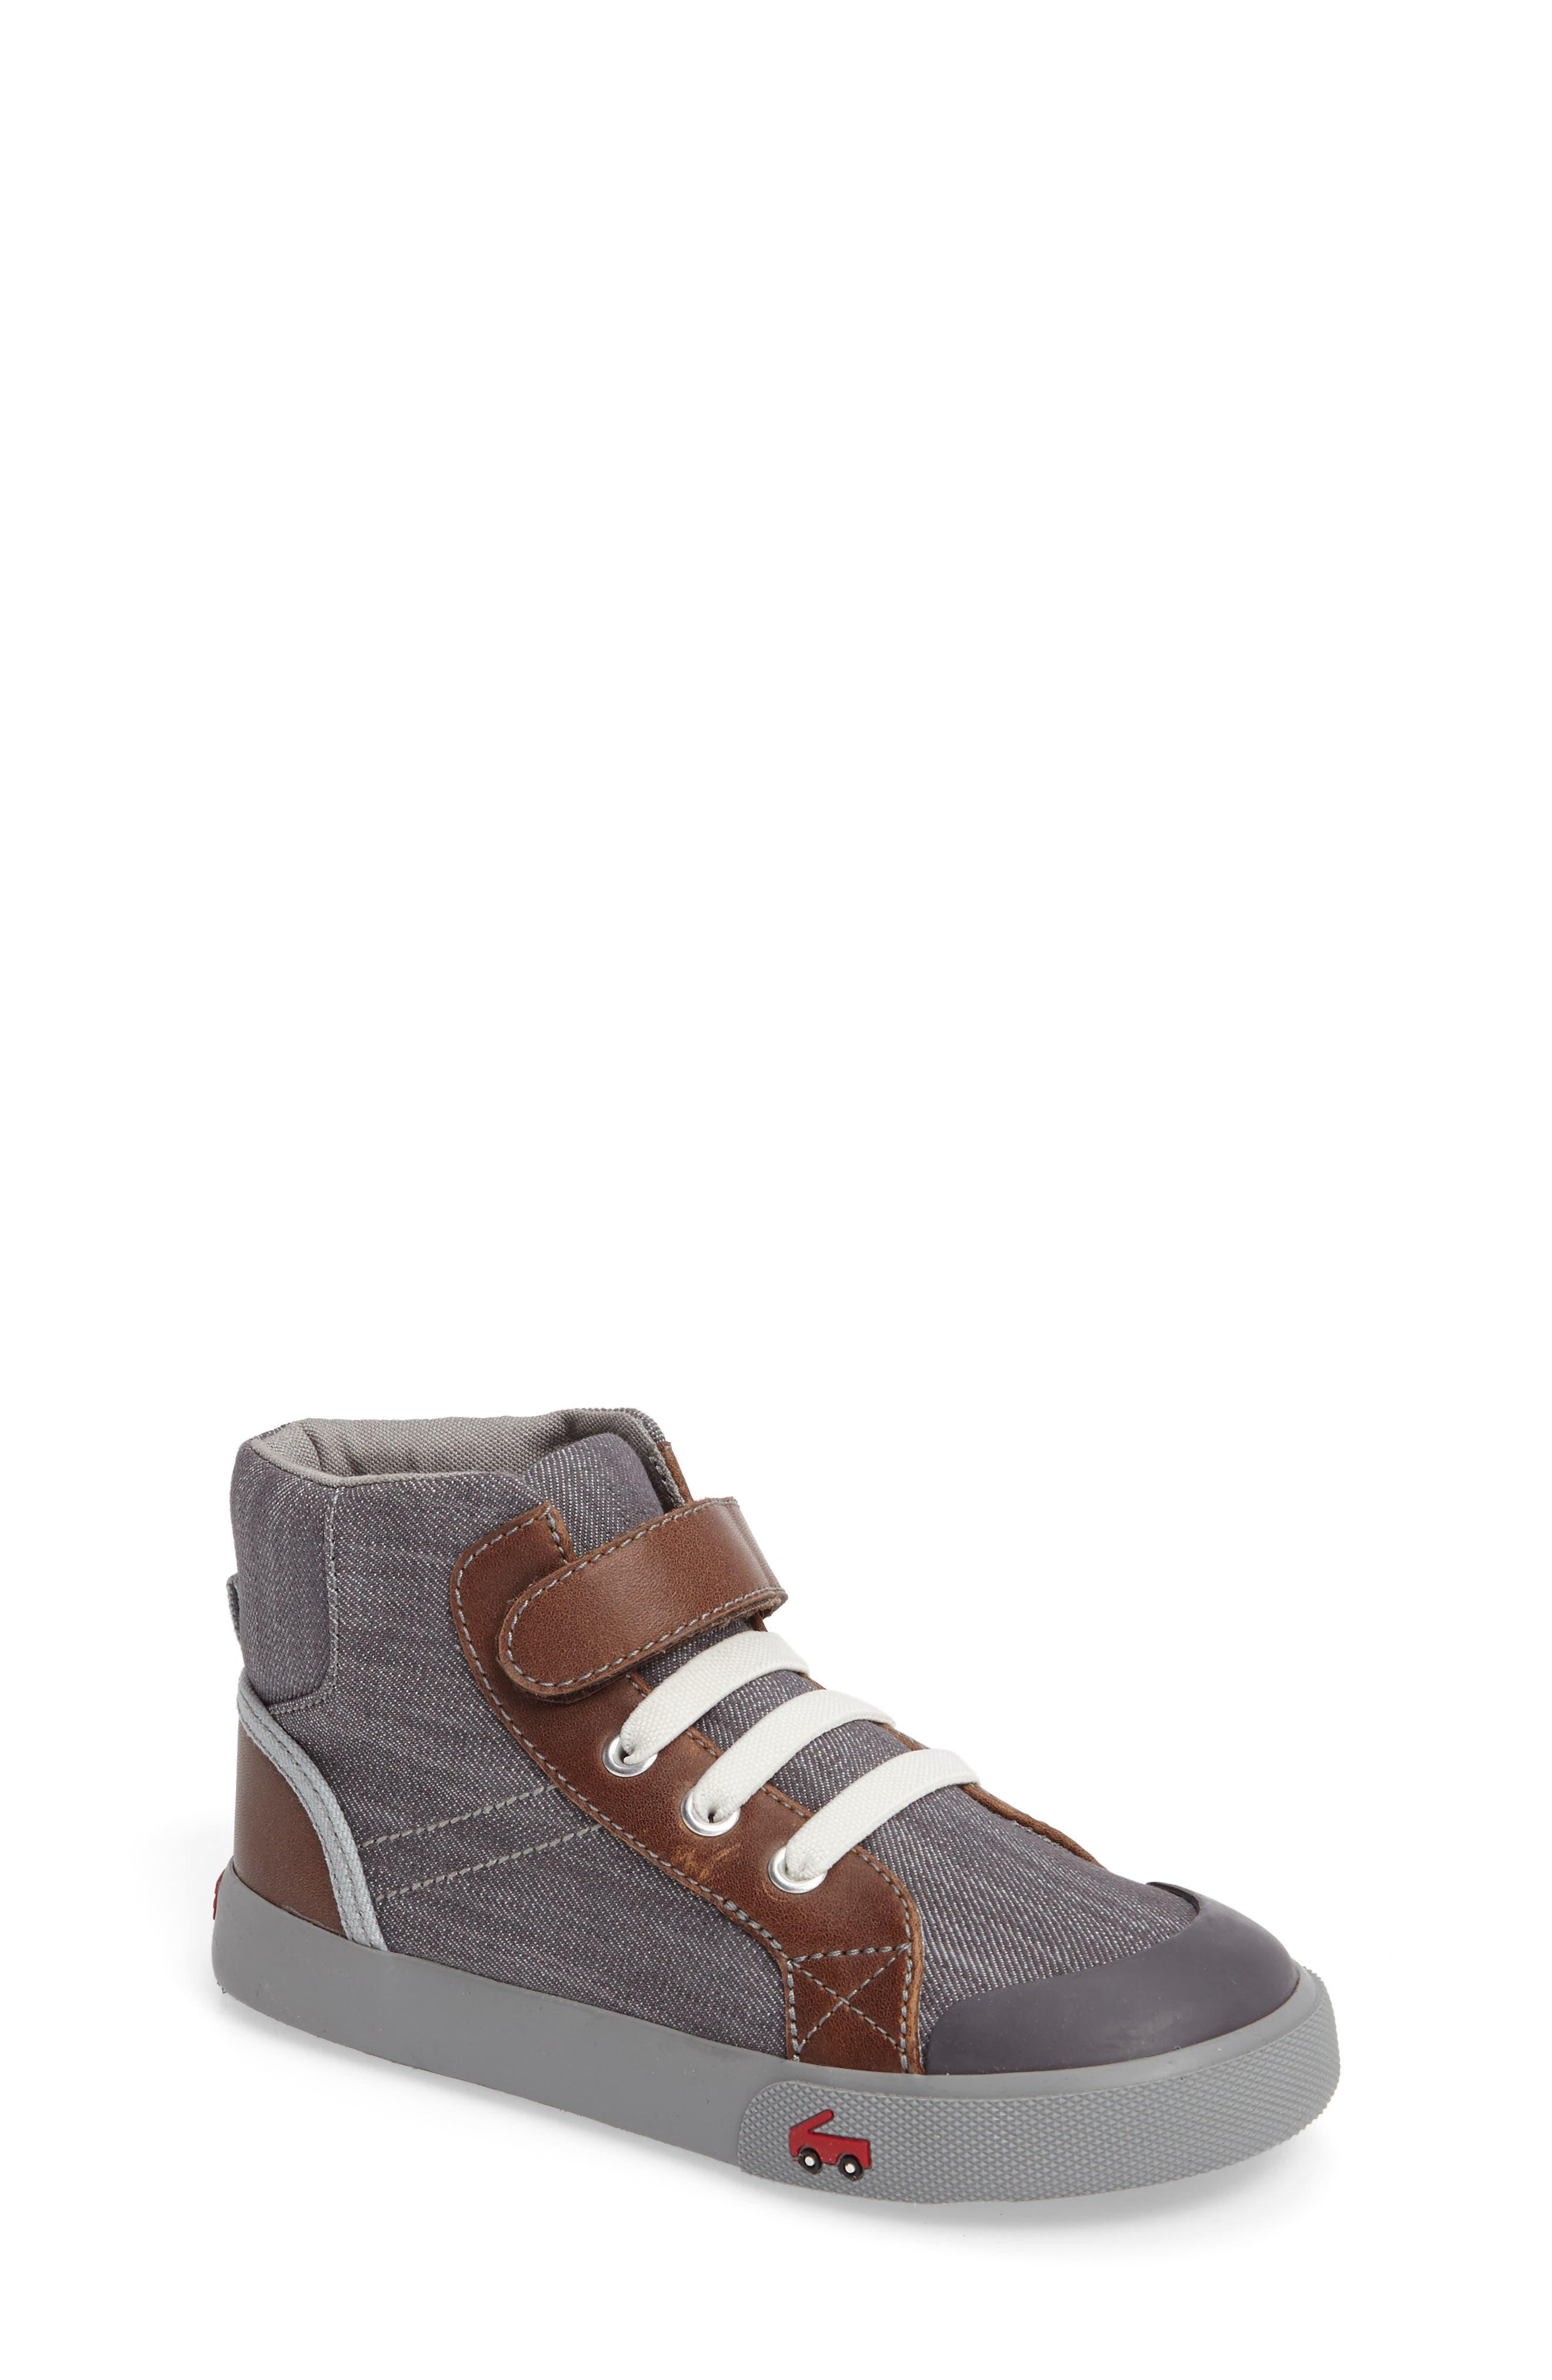 Main Image - See Kai Run 'Dane' Sneaker (Baby, Walker & Toddler)